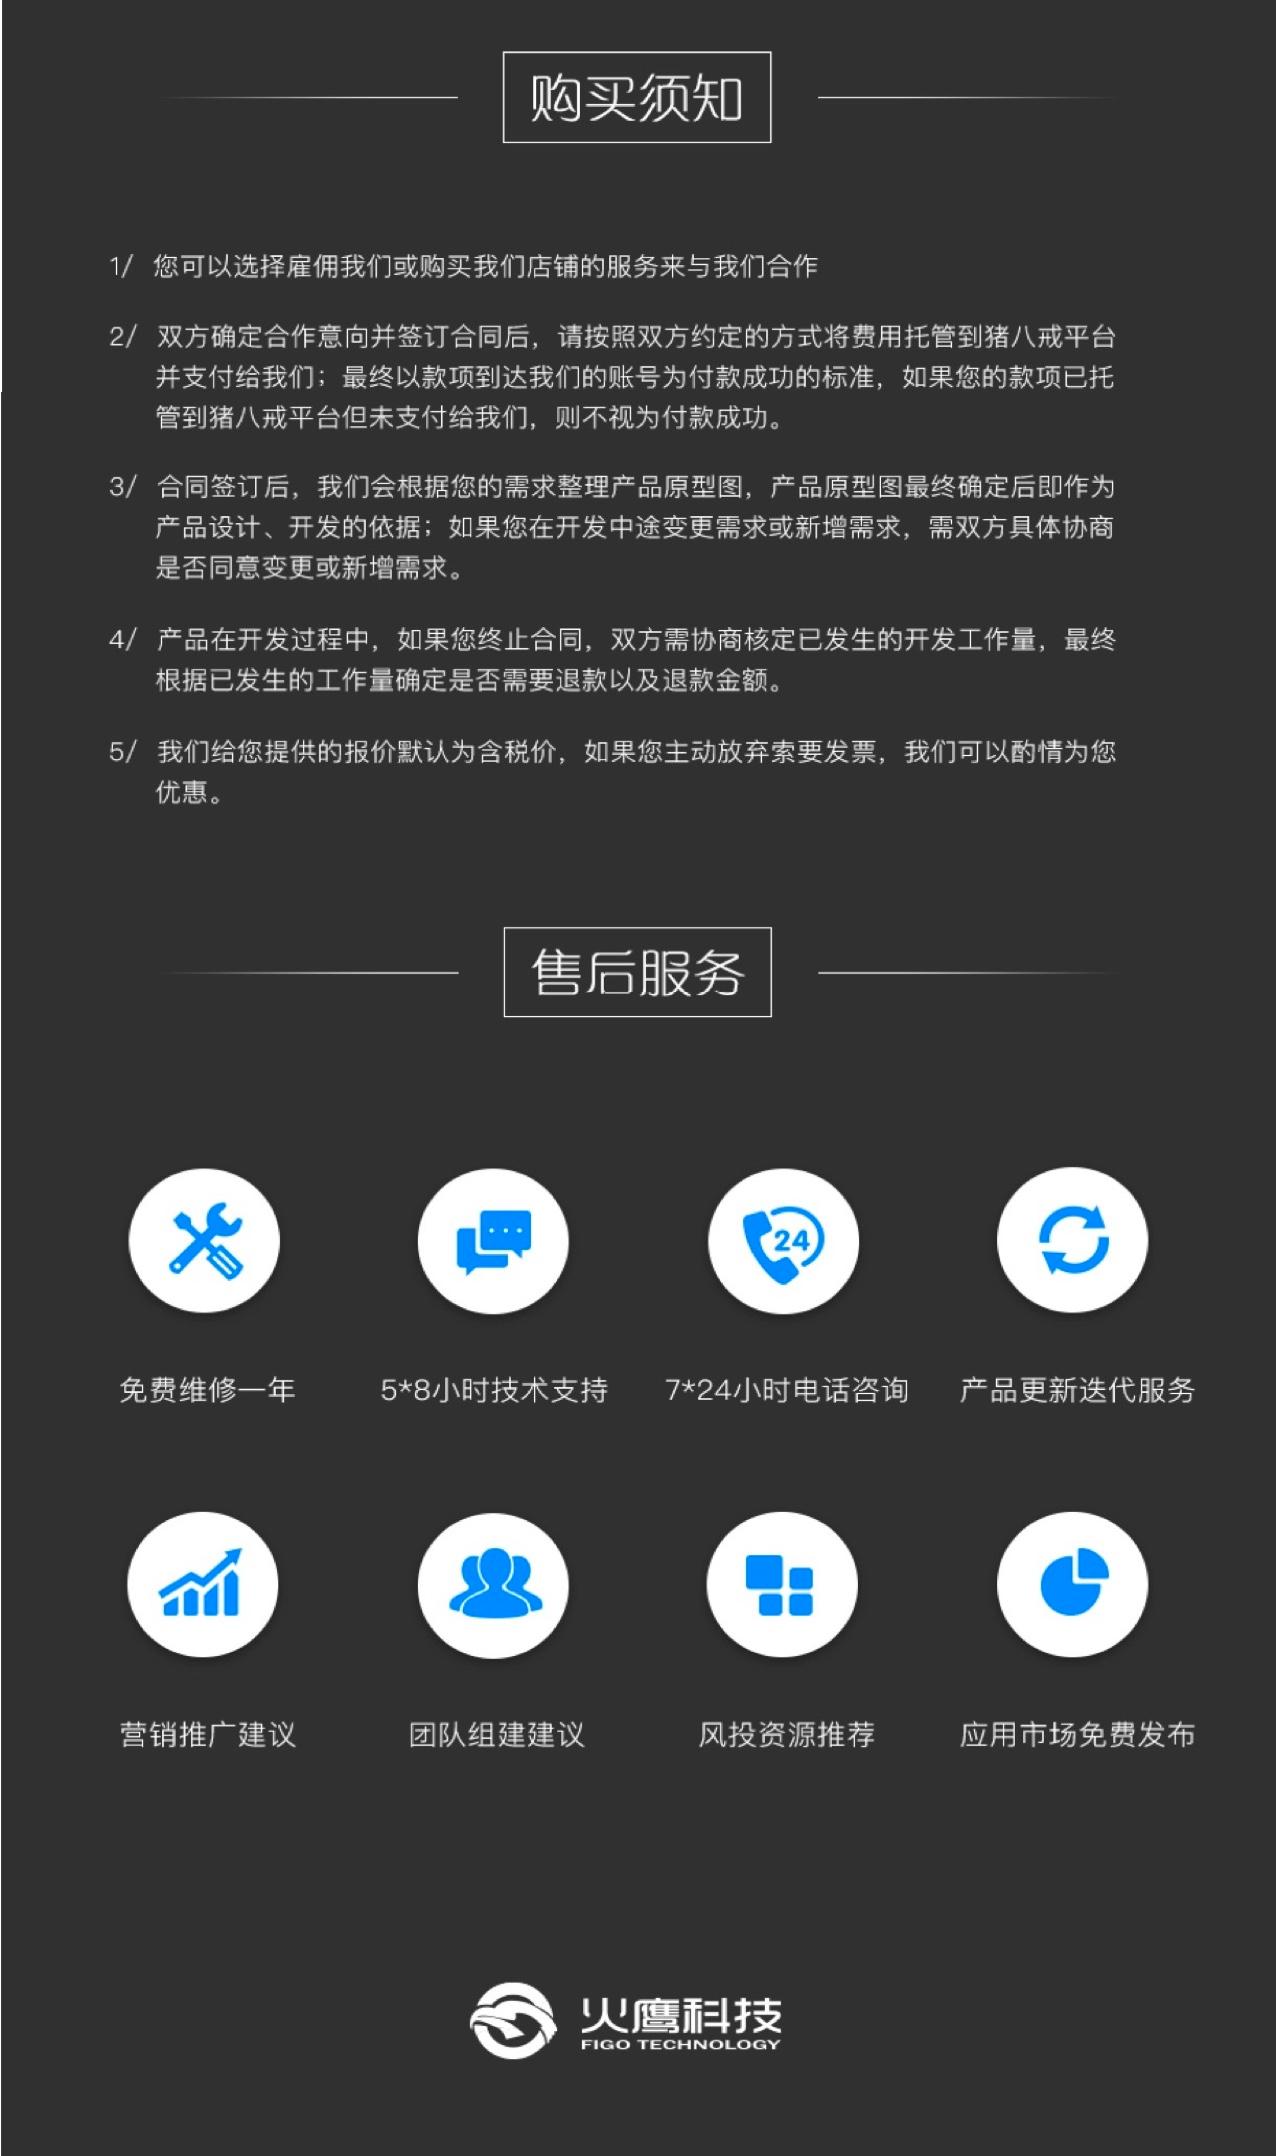 _APP开发汽车资讯 汽车后市场租车 二手车 驾考app开发5